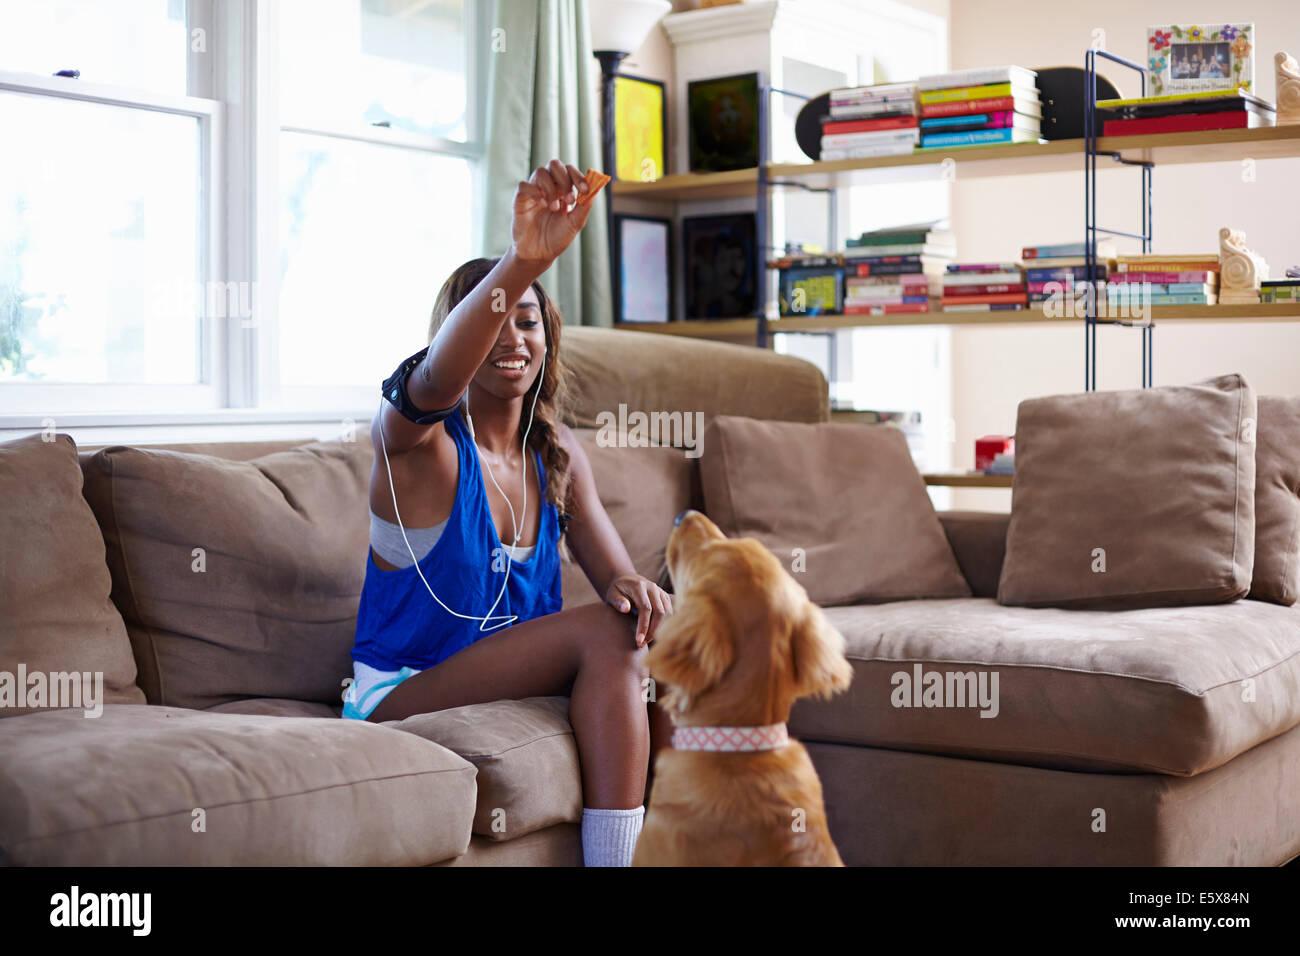 Jeune Femme prenant une pause formation, holding up biscuit pour chien dans la salle de séjour Photo Stock